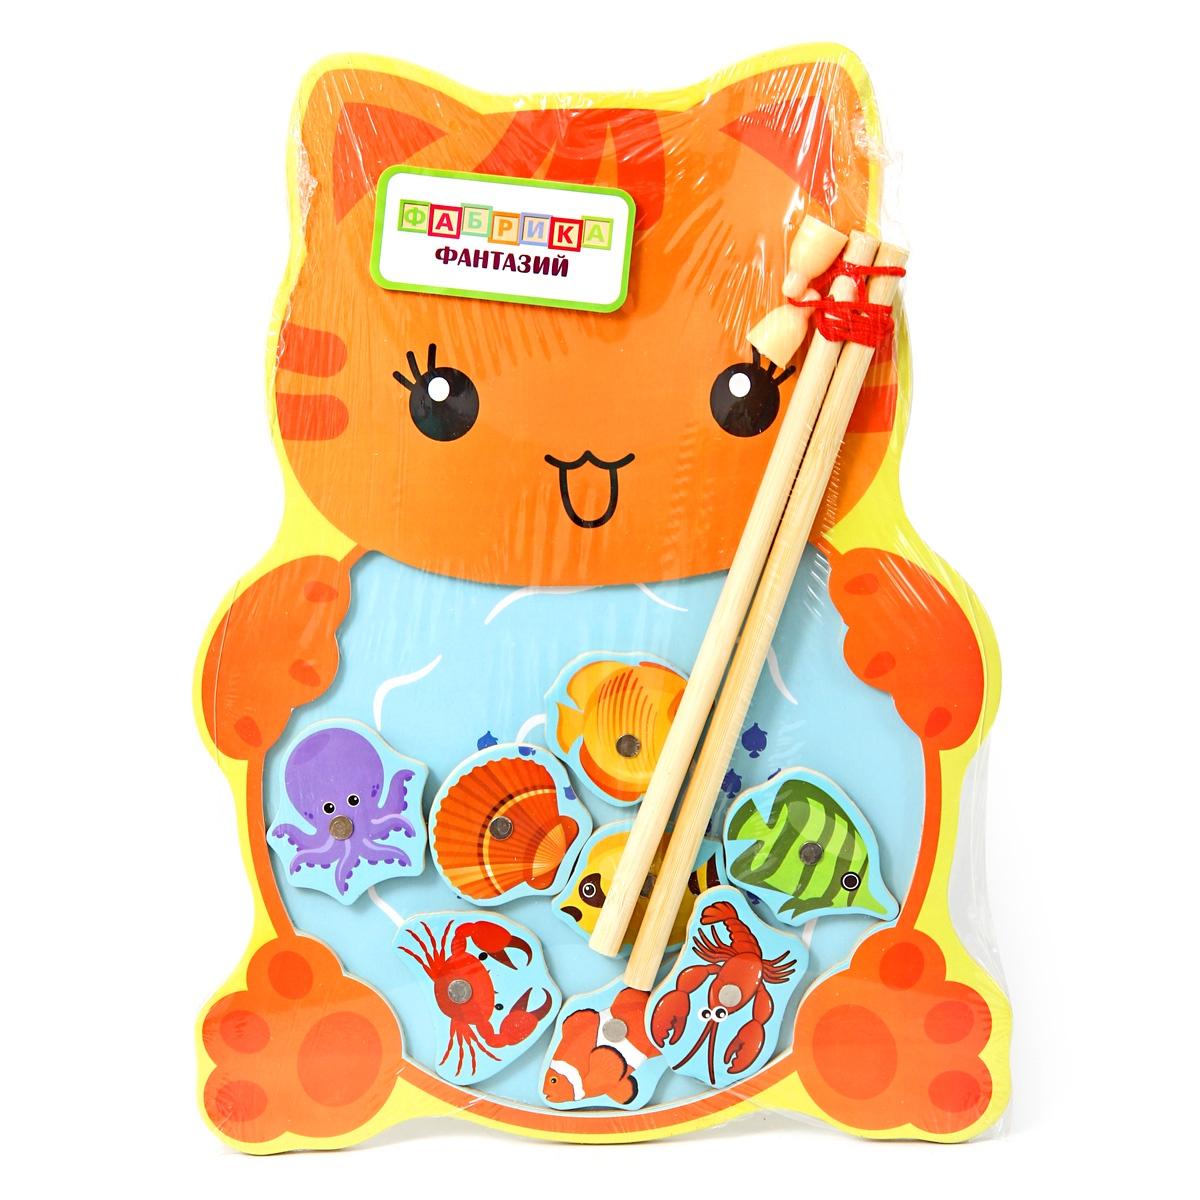 Музыкальная игрушка Фабрика Фантазий 51622, 51622 фабрика фантазий обучающая игра фигурки животных чей малыш 60097